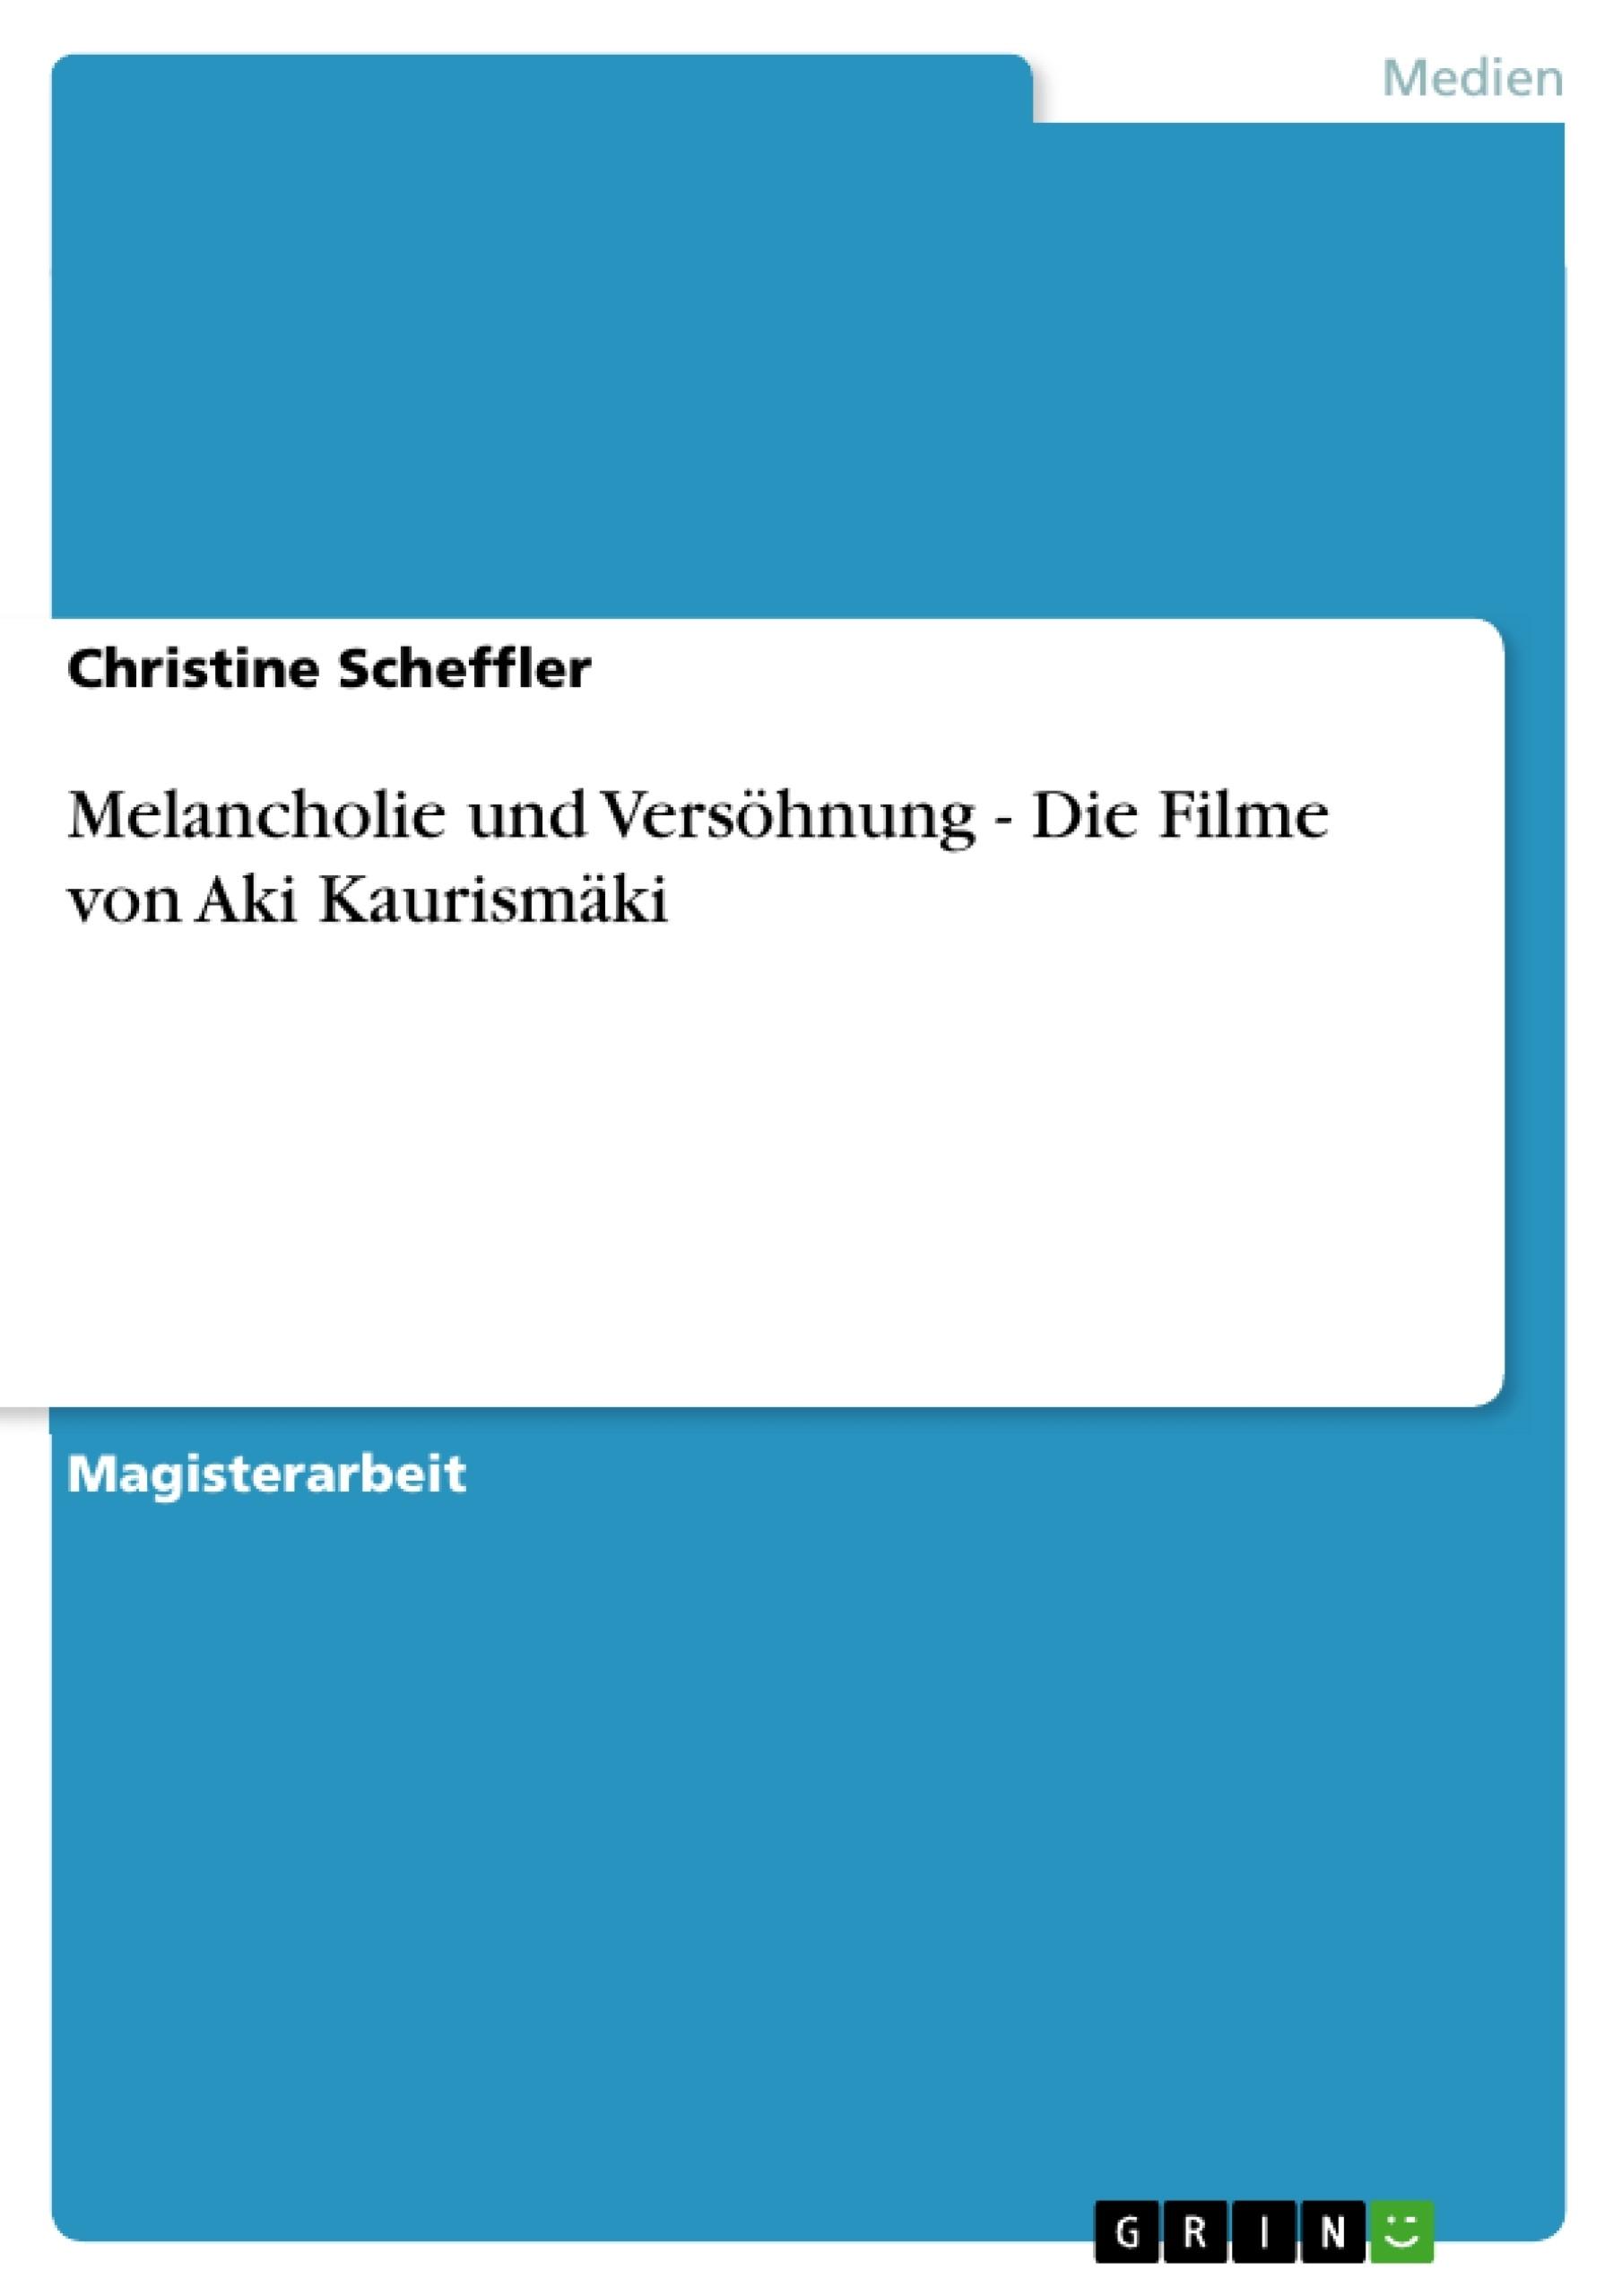 Titel: Melancholie und Versöhnung - Die Filme von Aki Kaurismäki